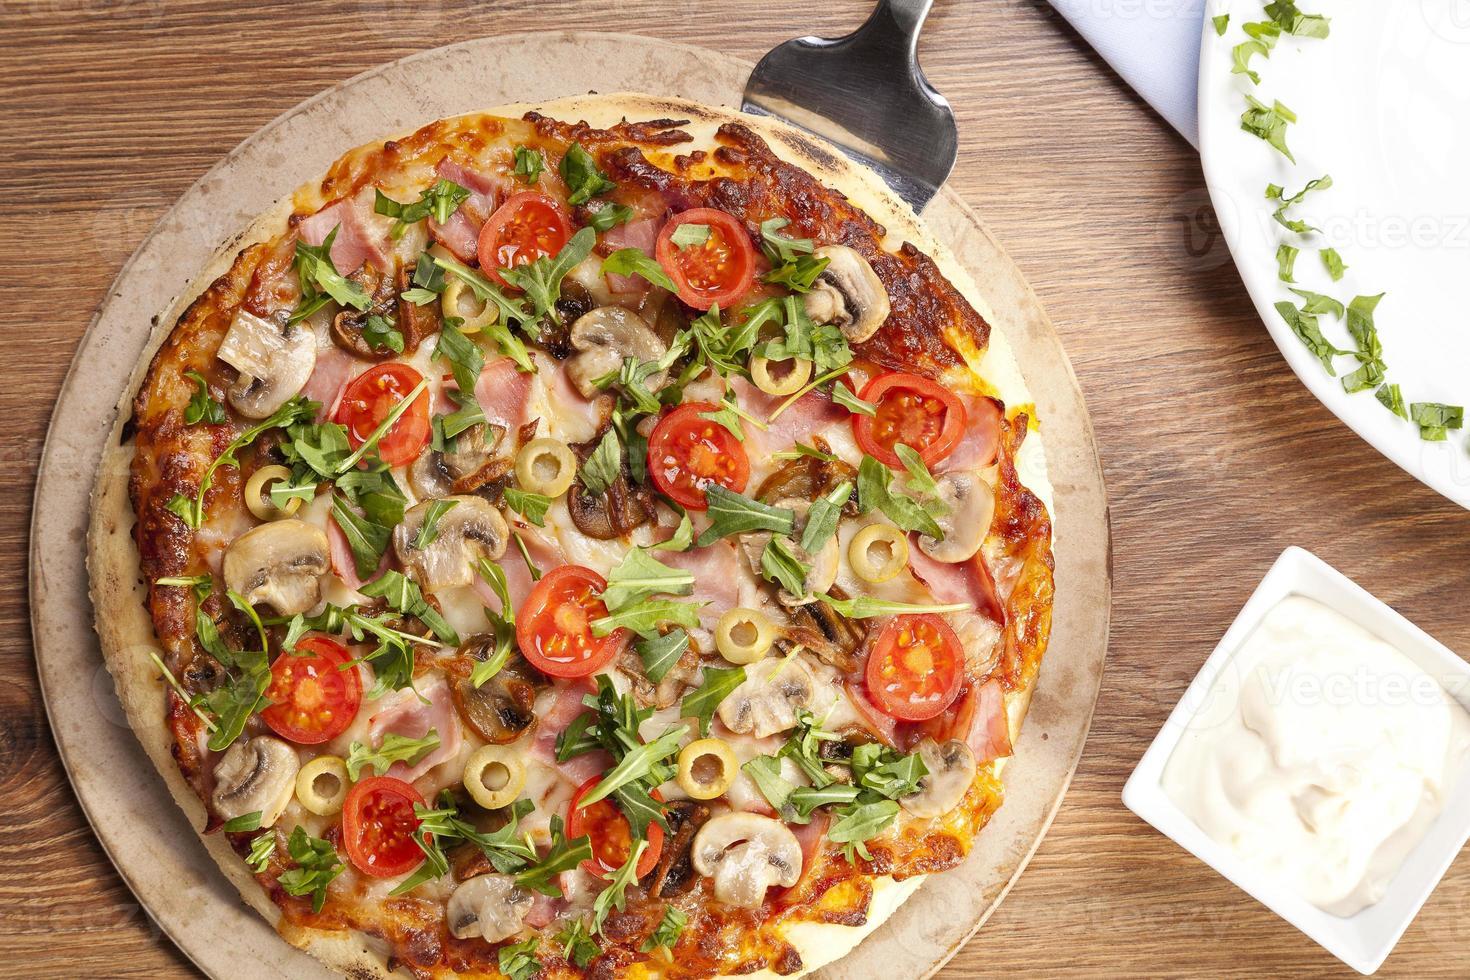 pizza con jamón y champiñones foto